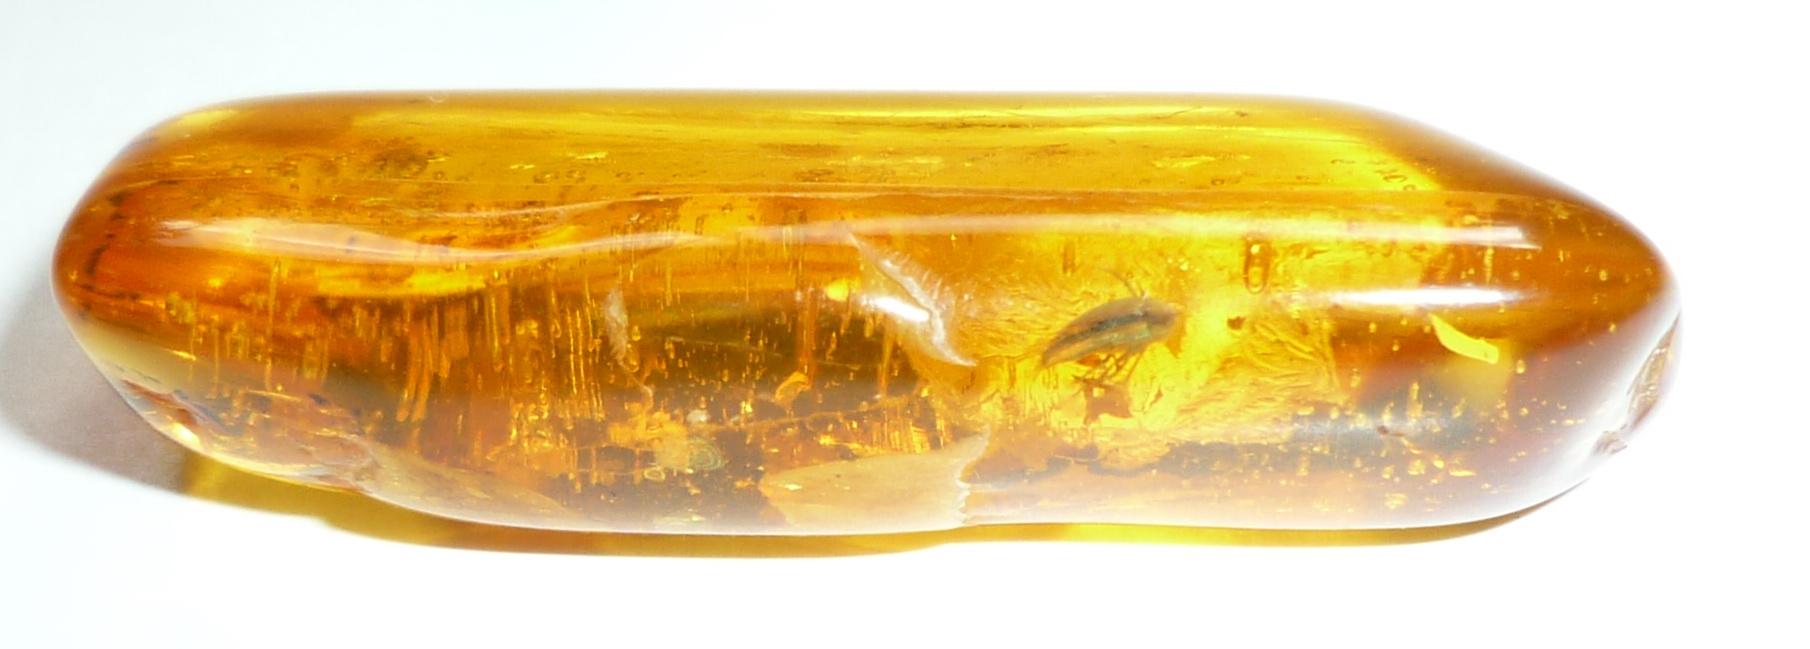 Baltischer Bernstein mit Einschluß, Inkluse, Serropalpidae, Düsterkäfer